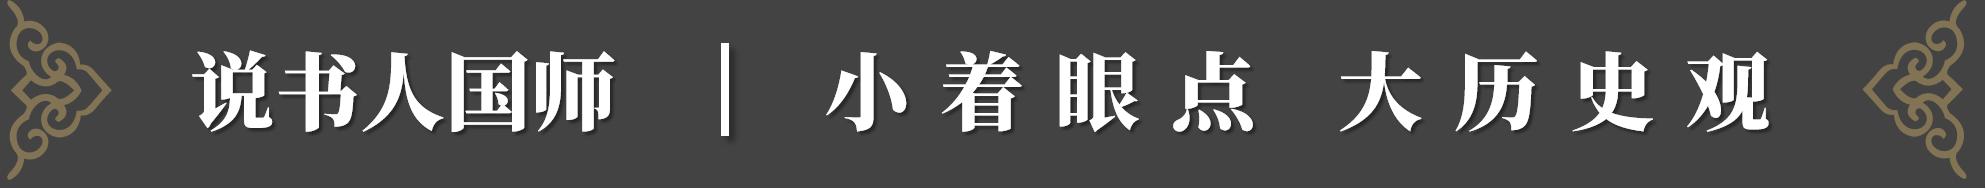 溥杰:叛国14年、囚徒16年,与日本公主相爱,骨灰一半葬在日本